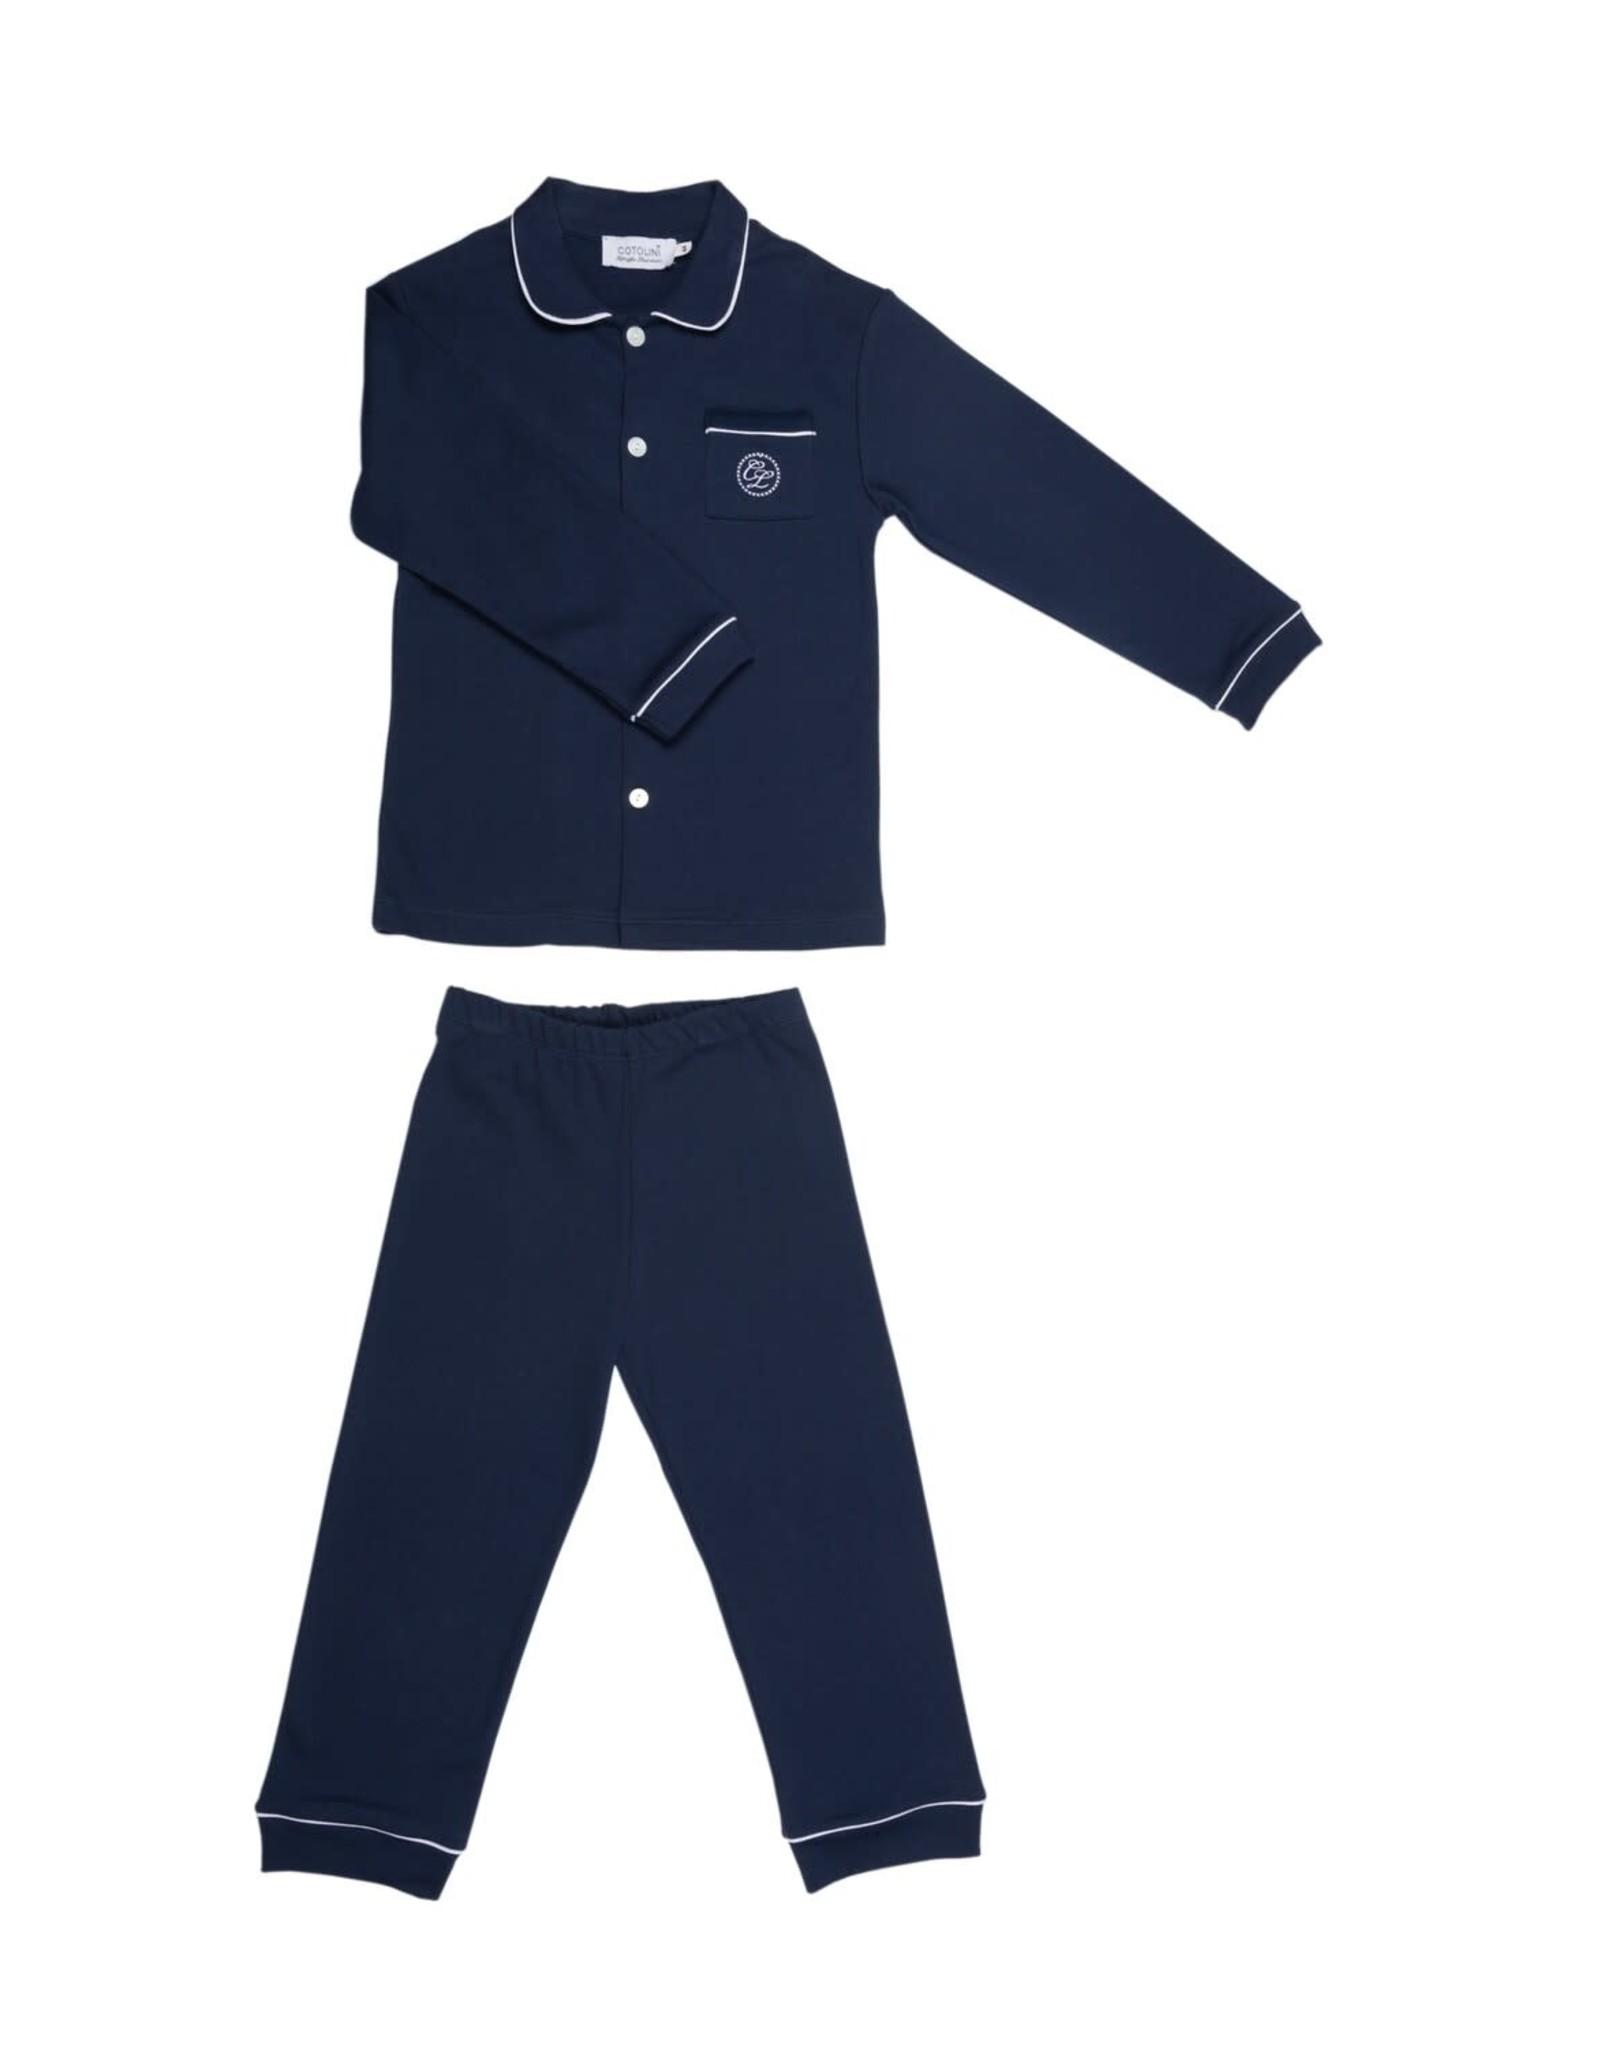 COTOLINI Pyjama Charlie marine